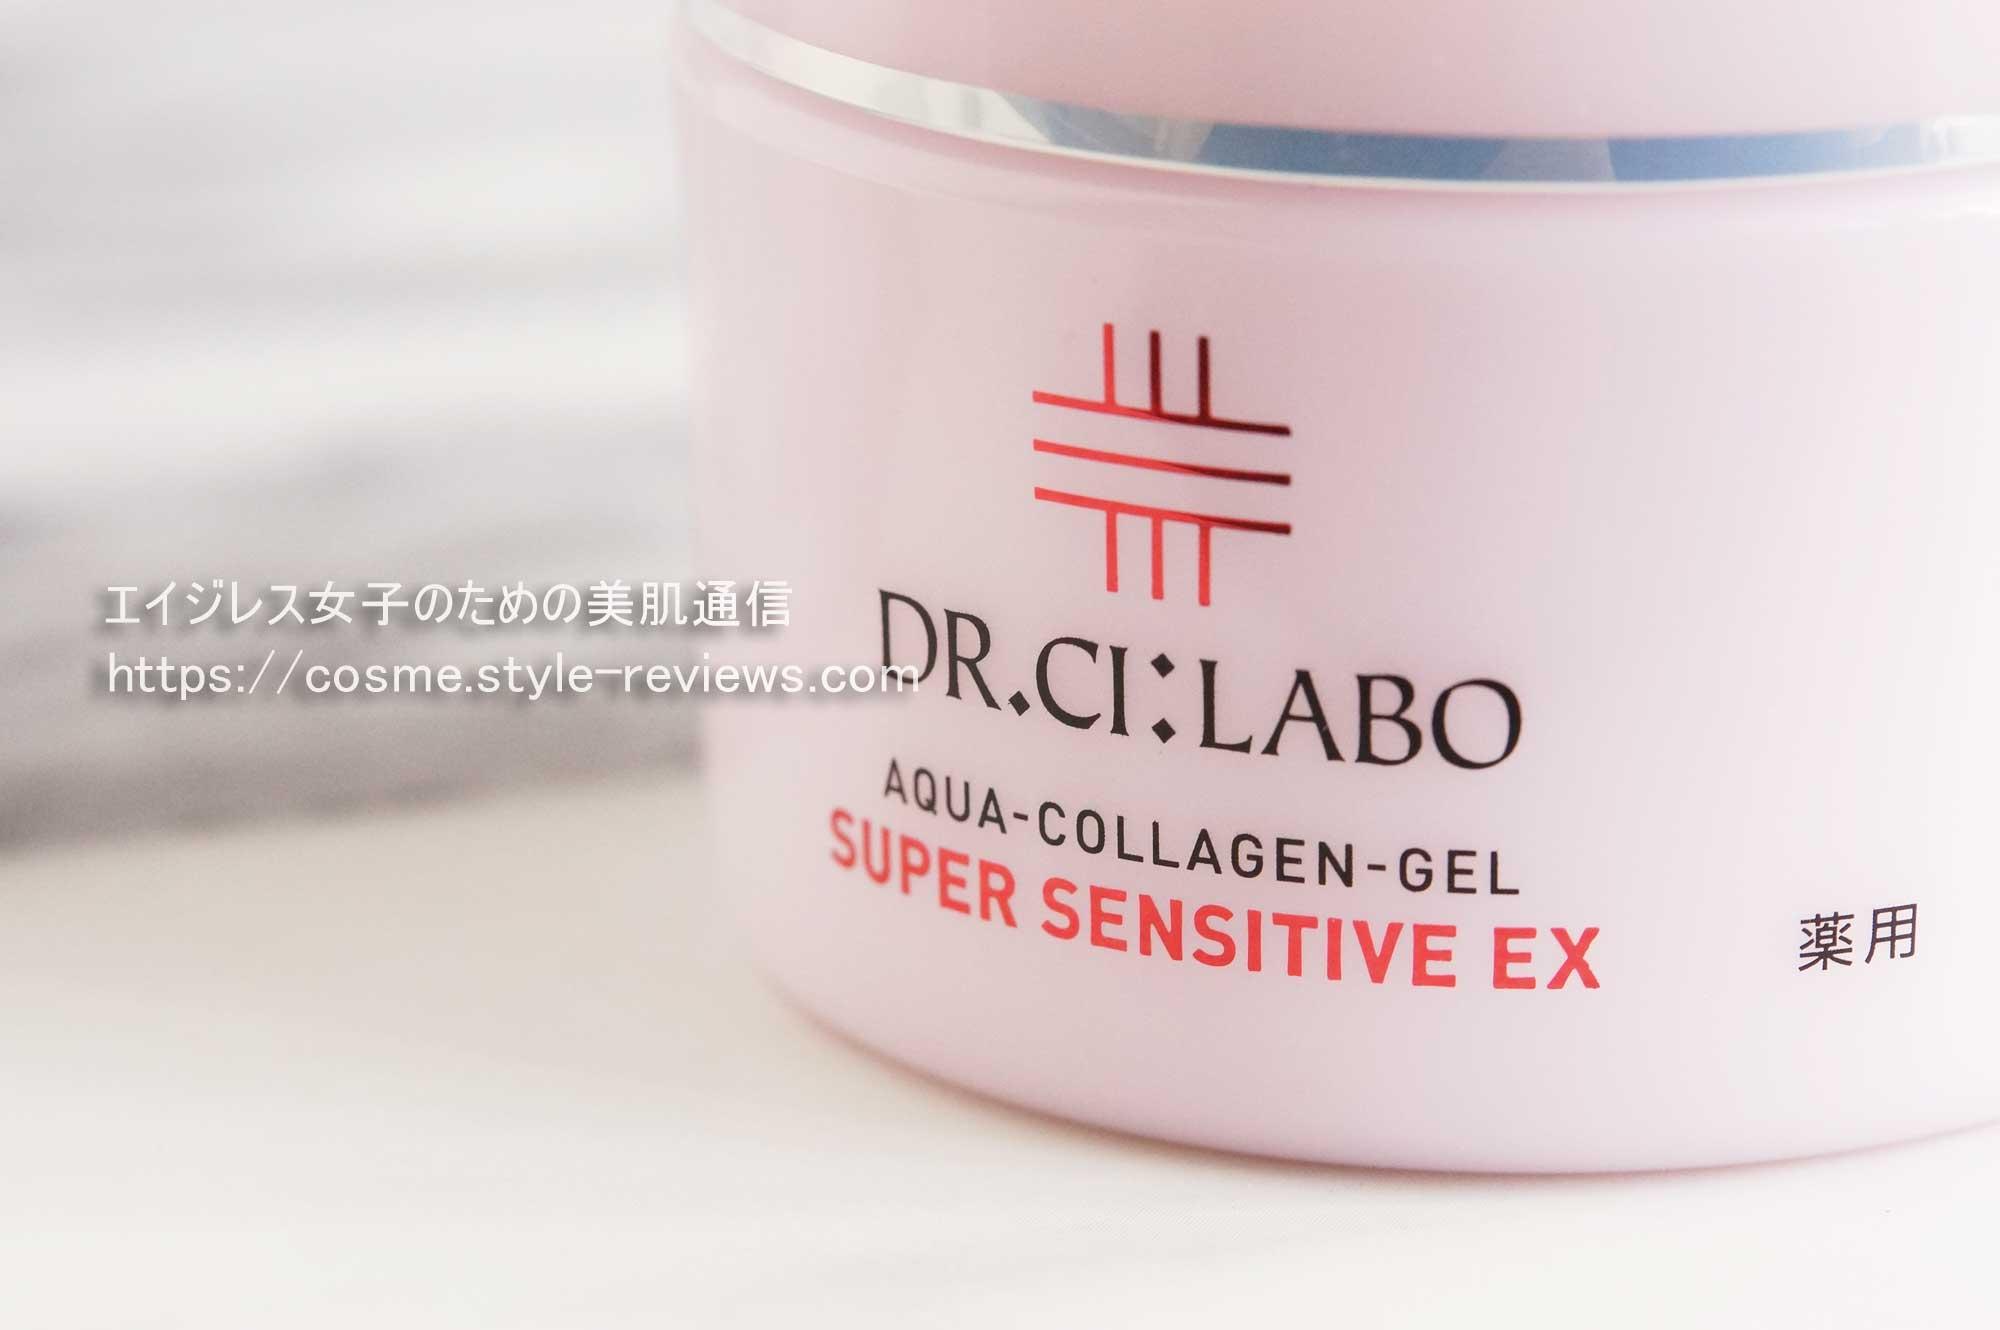 敏感肌用のピンクのアクアコラーゲンゲル